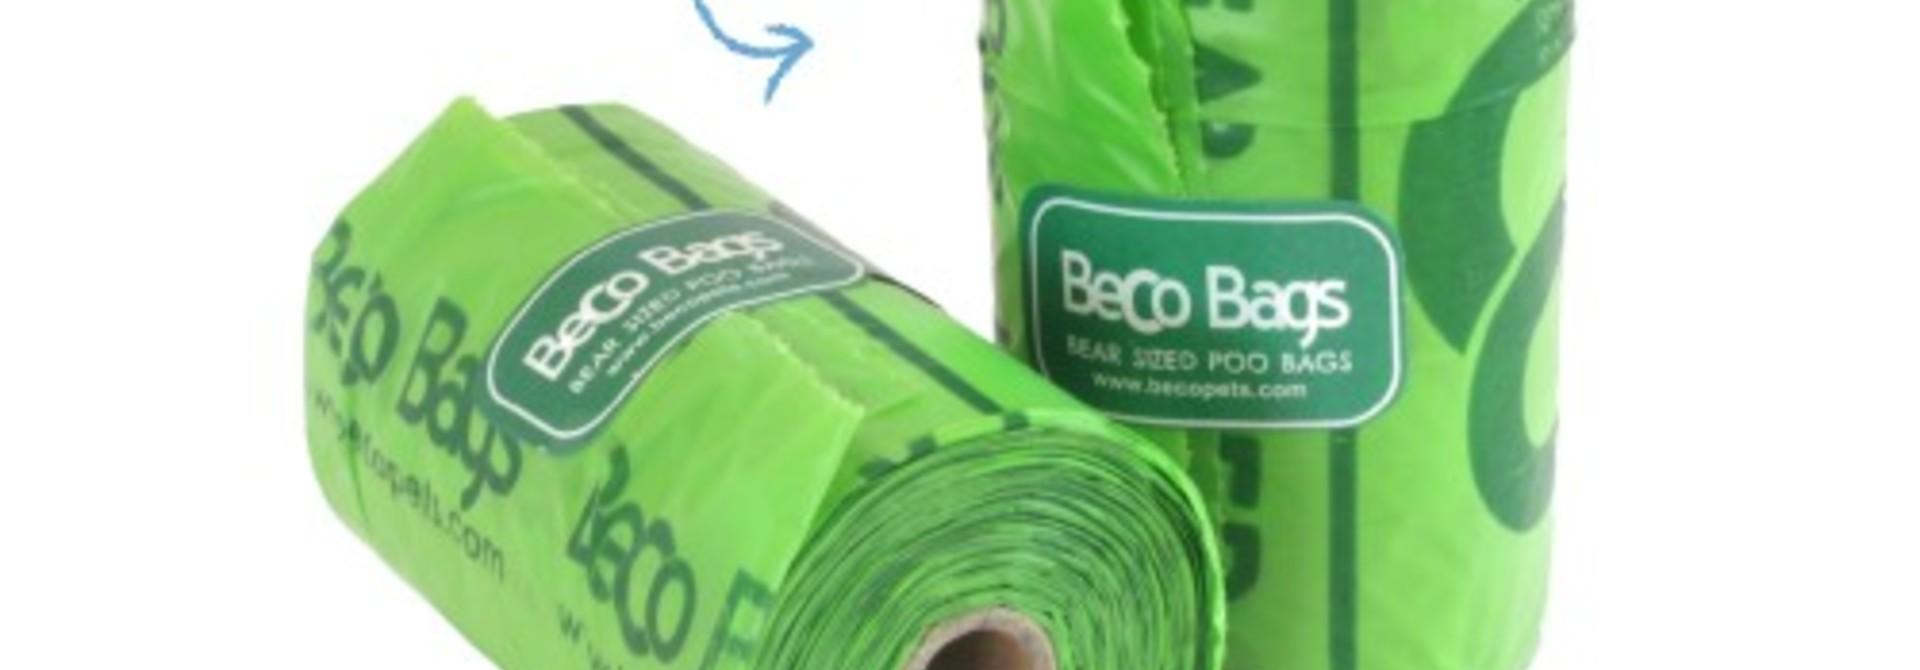 Beco Poop Bag Roll 15 ct